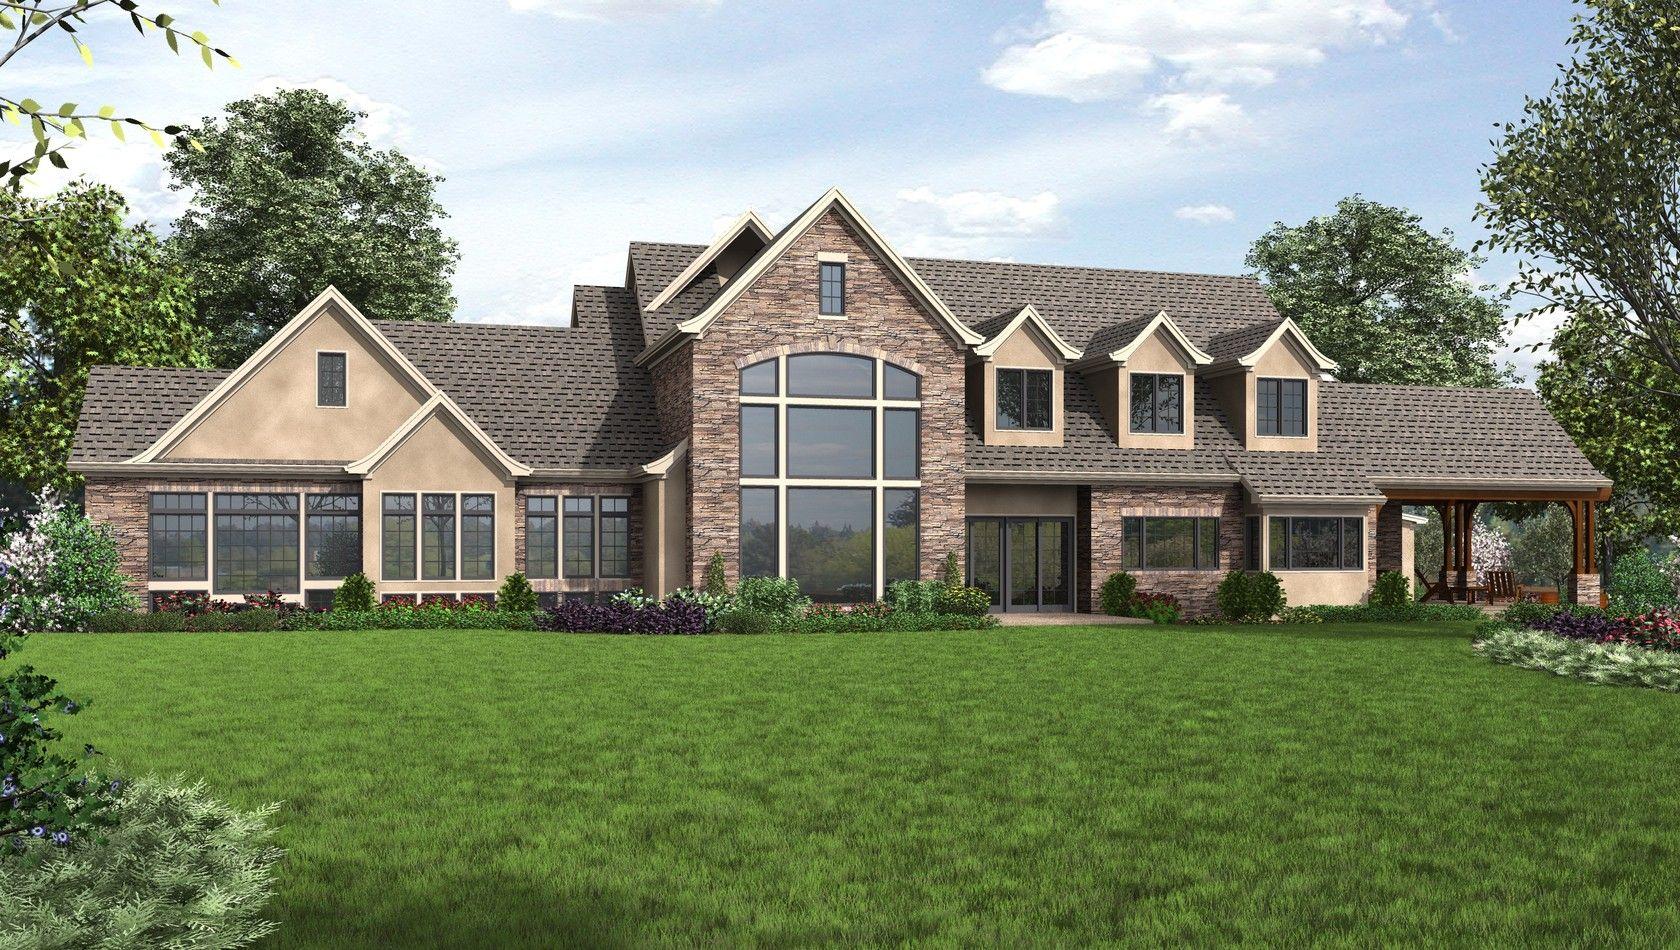 House Plans for The Belle Reve design